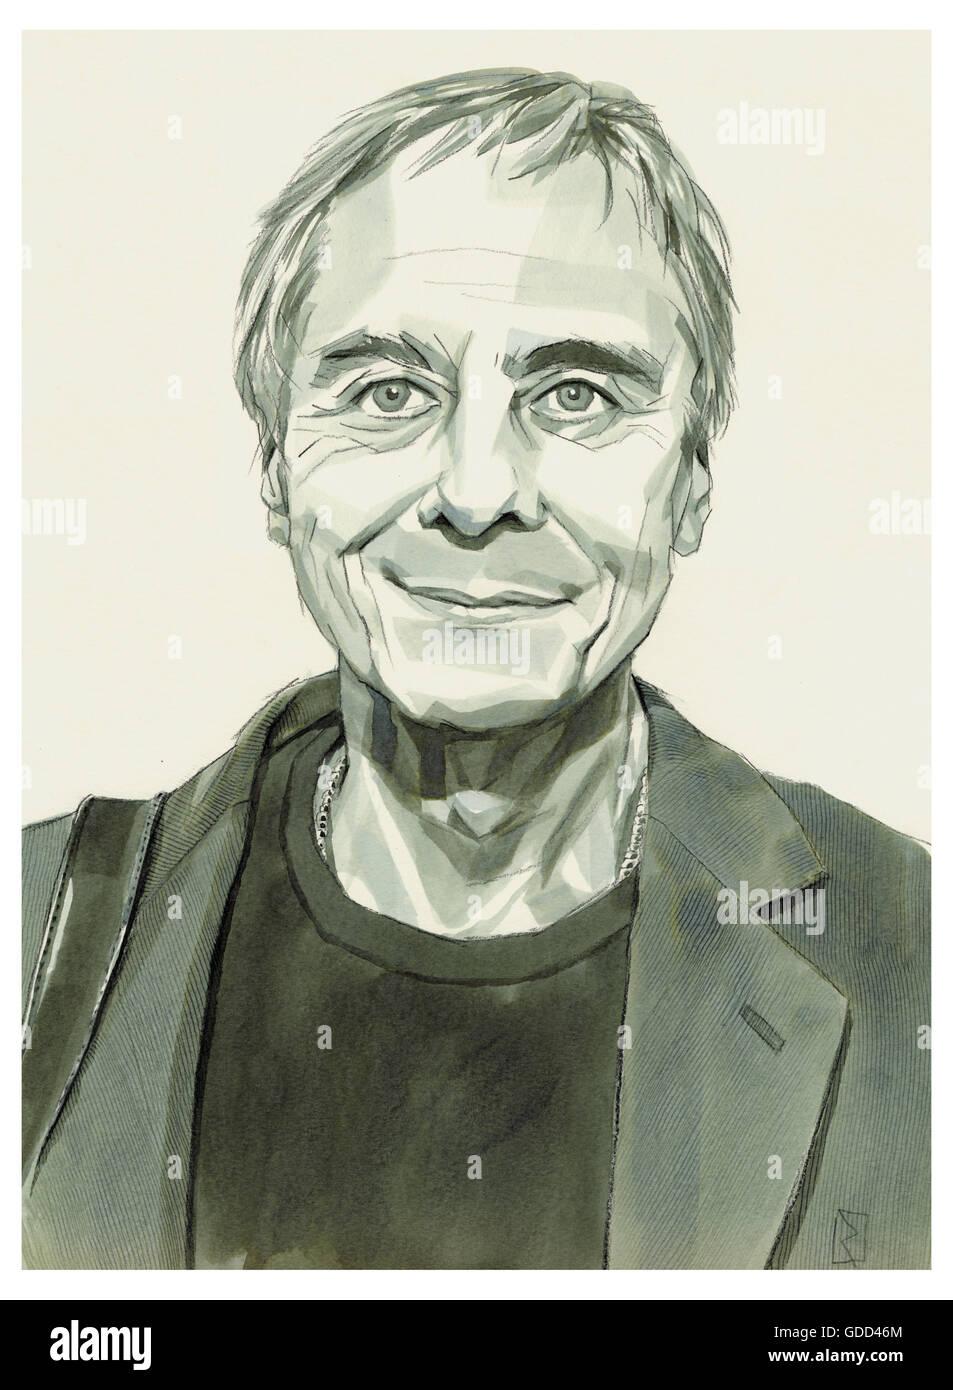 John Neumeier, 24.2.1942, *, chorégraphe américain, portrait, dessin monochrome par Jan Rieckhoff, 16.10.2007, auteur de l'artiste déjà dédouanés par INTERFOTO, aucun espace supplémentaire nécessaire Banque D'Images